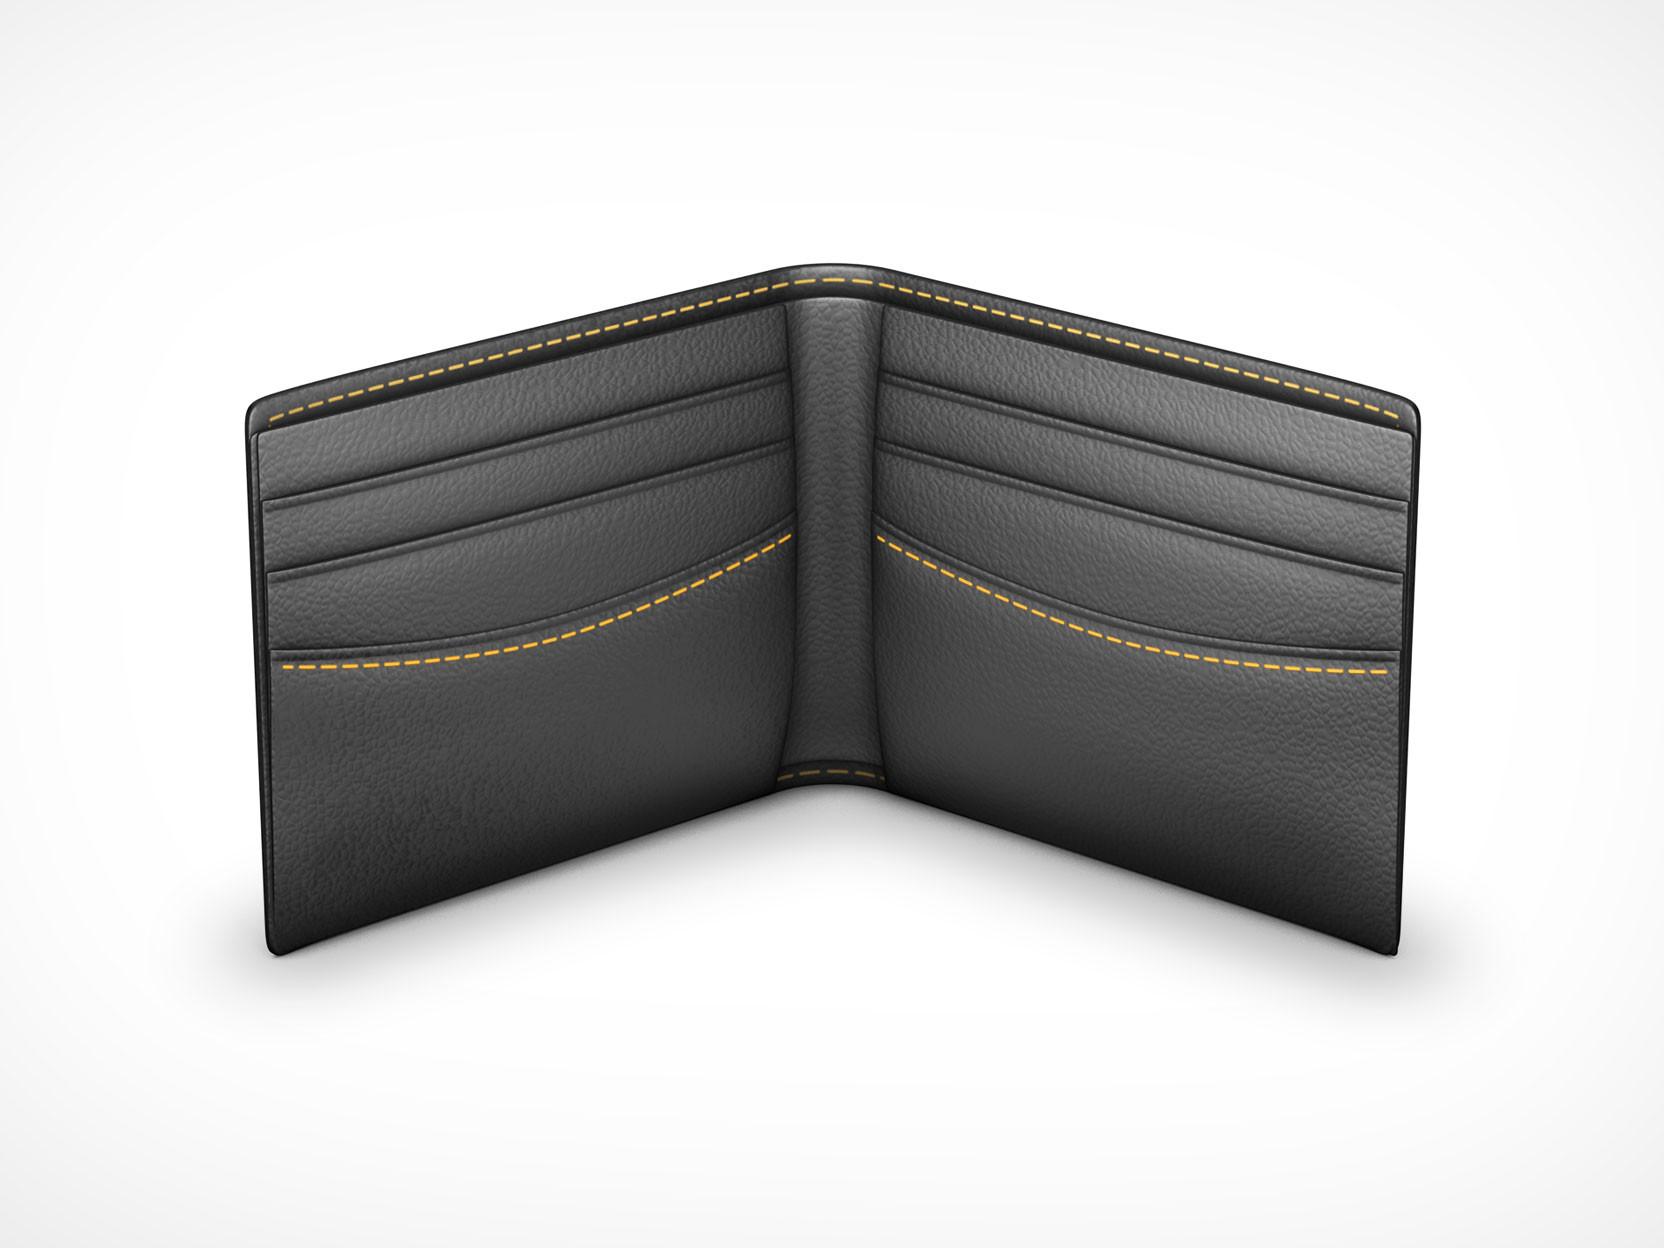 wallet-on-white.jpg